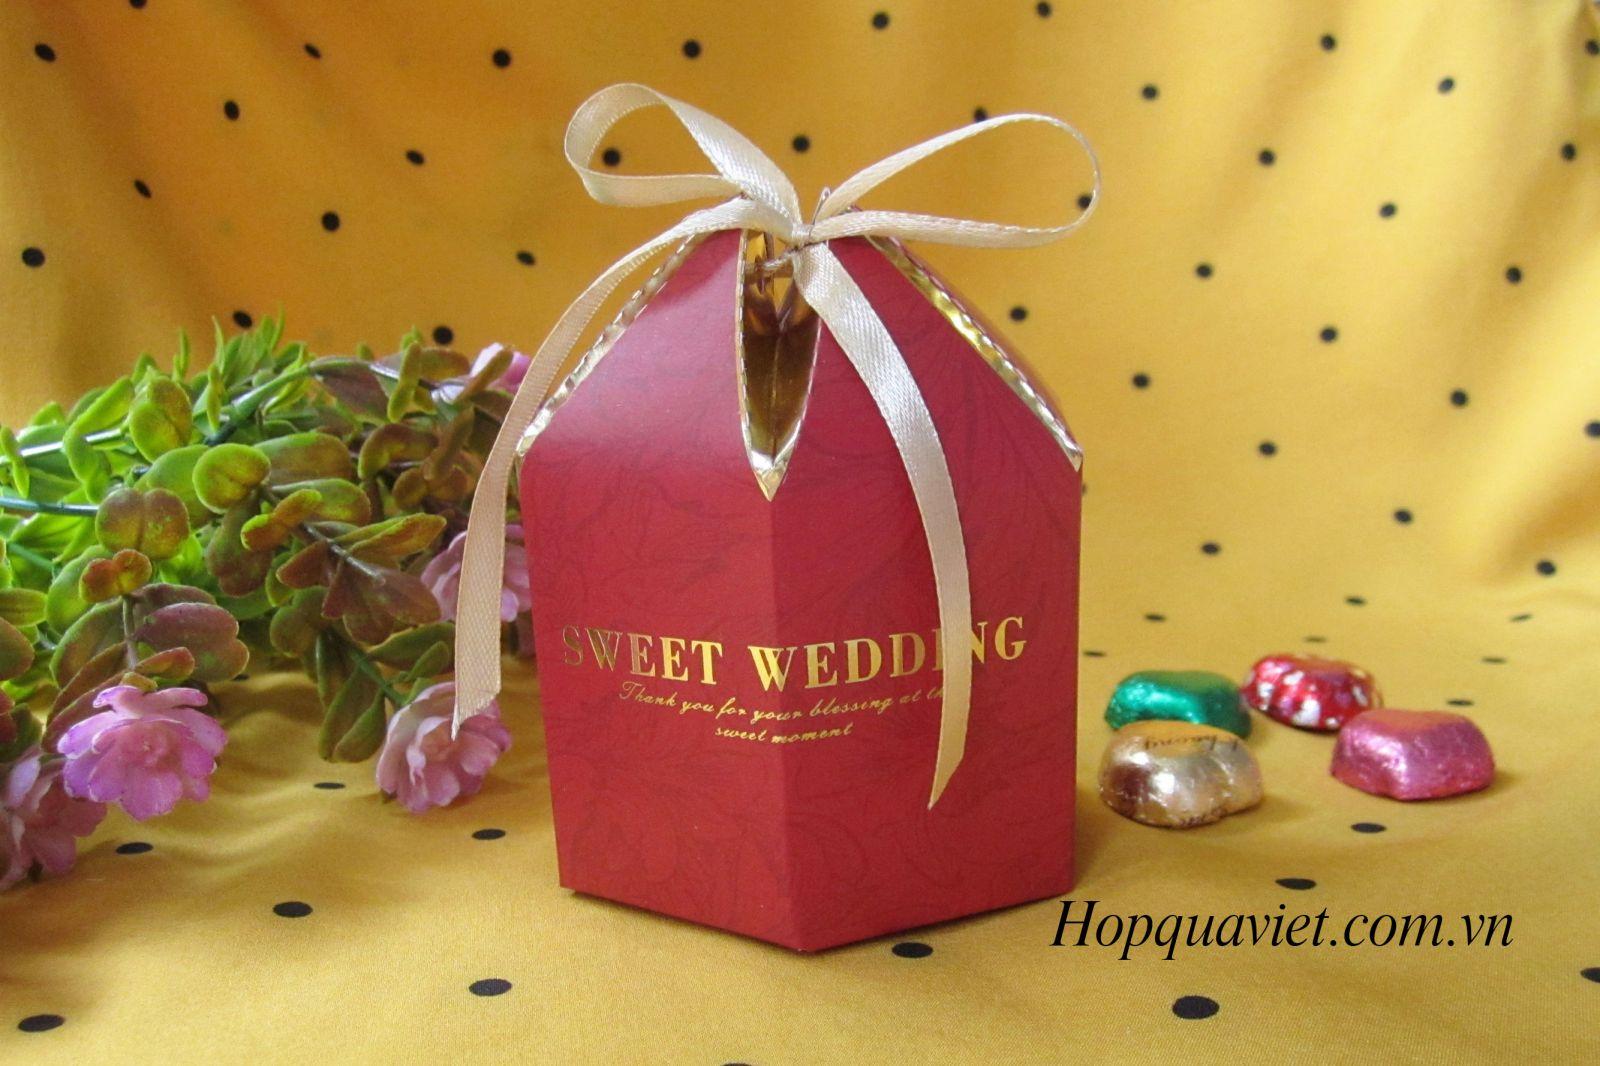 Hộp quà cưới đỏ C2